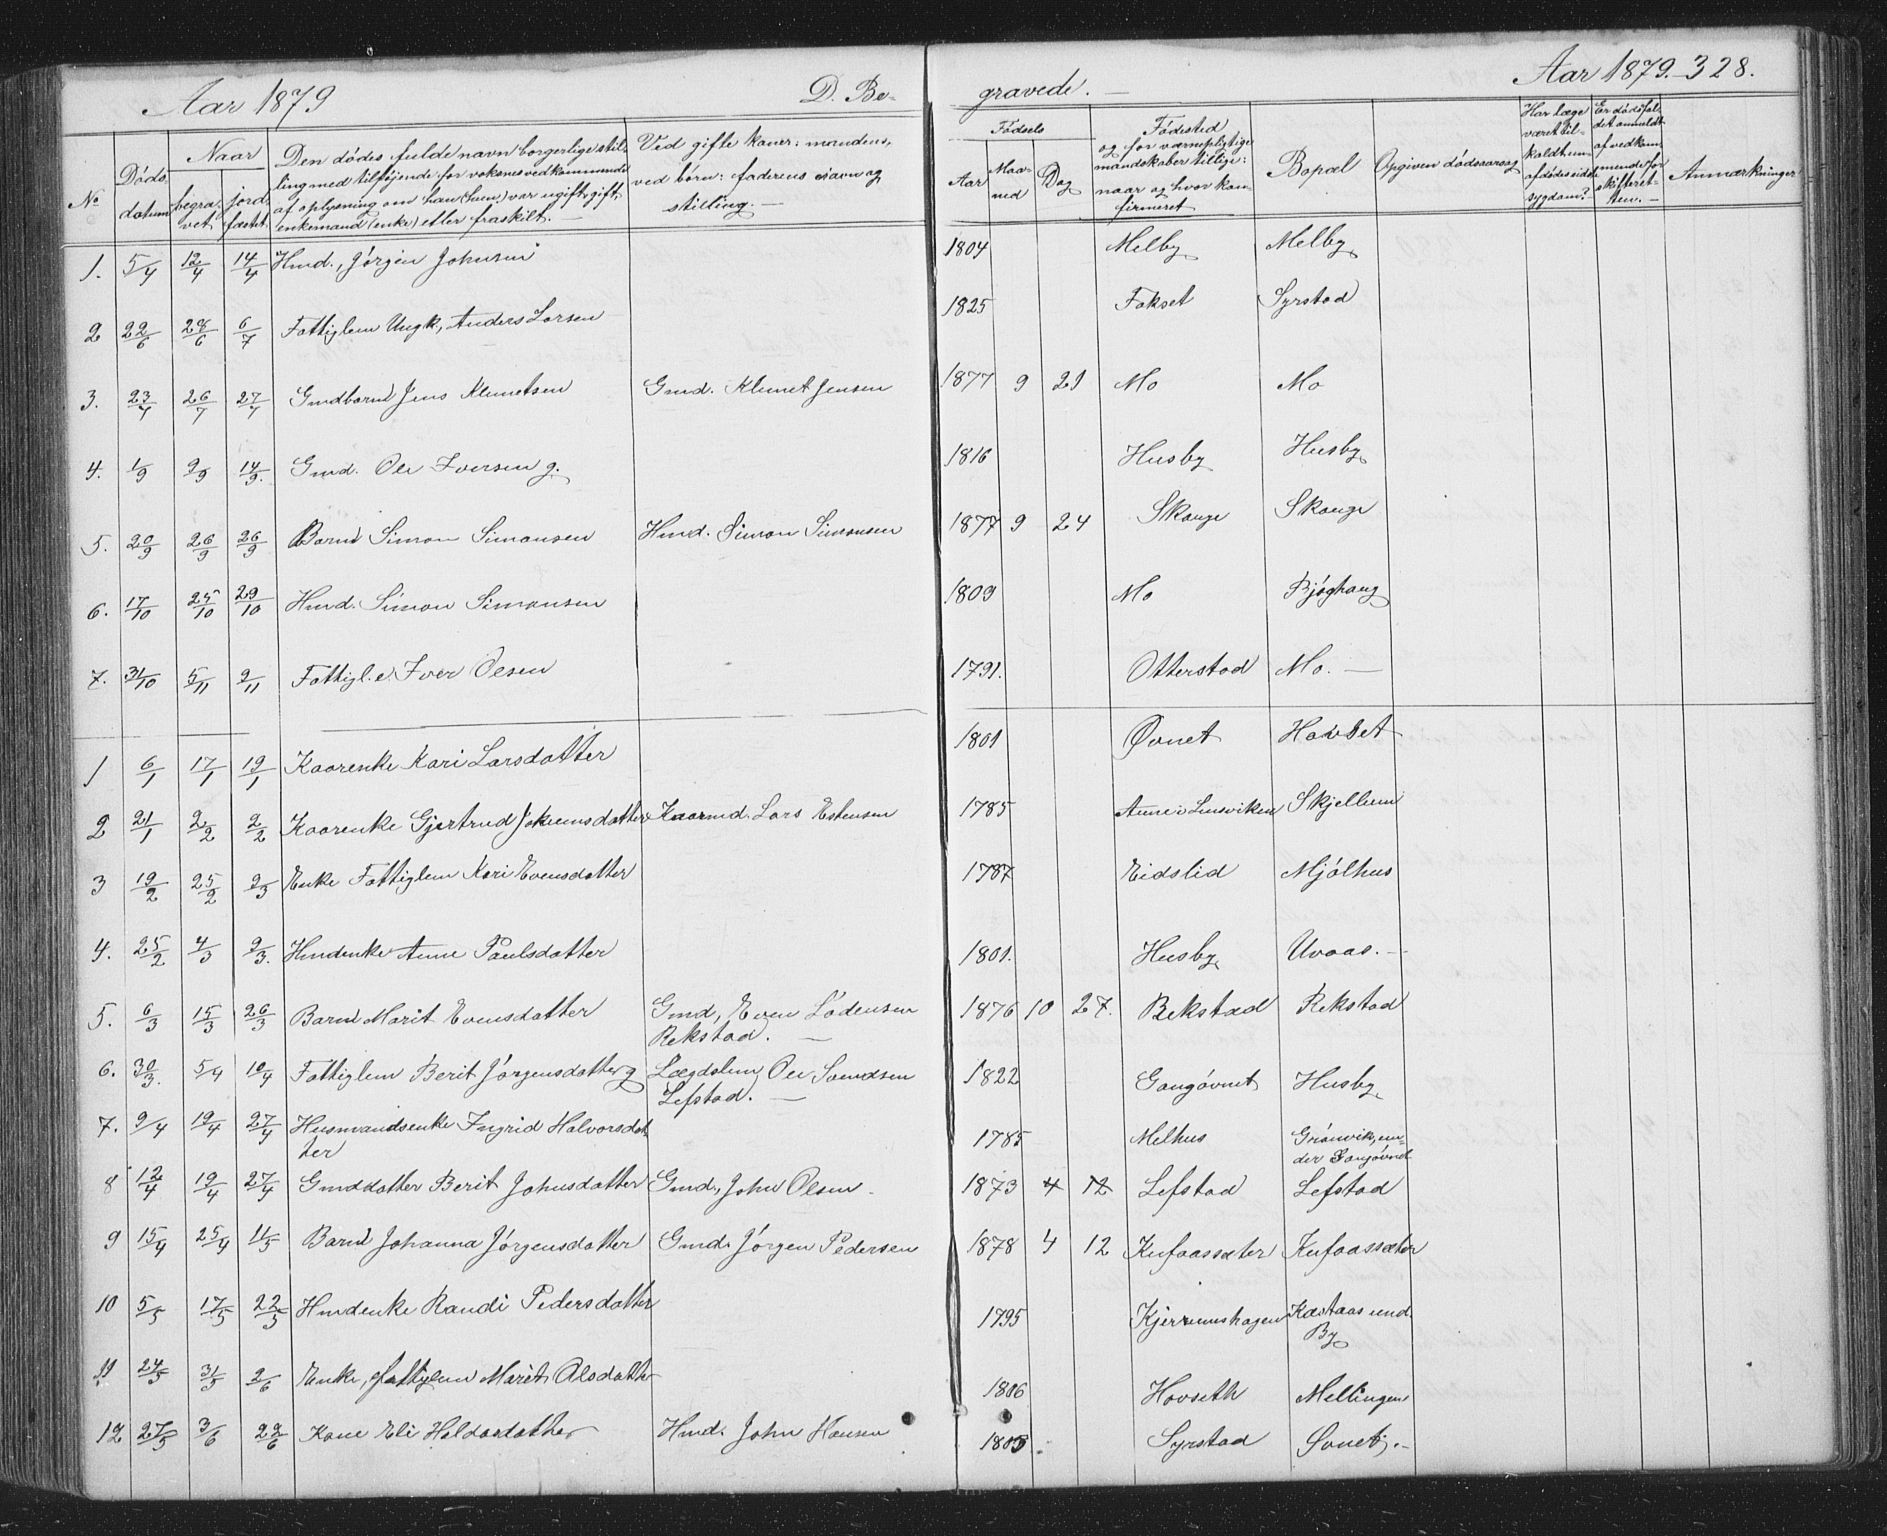 SAT, Ministerialprotokoller, klokkerbøker og fødselsregistre - Sør-Trøndelag, 667/L0798: Klokkerbok nr. 667C03, 1867-1929, s. 328